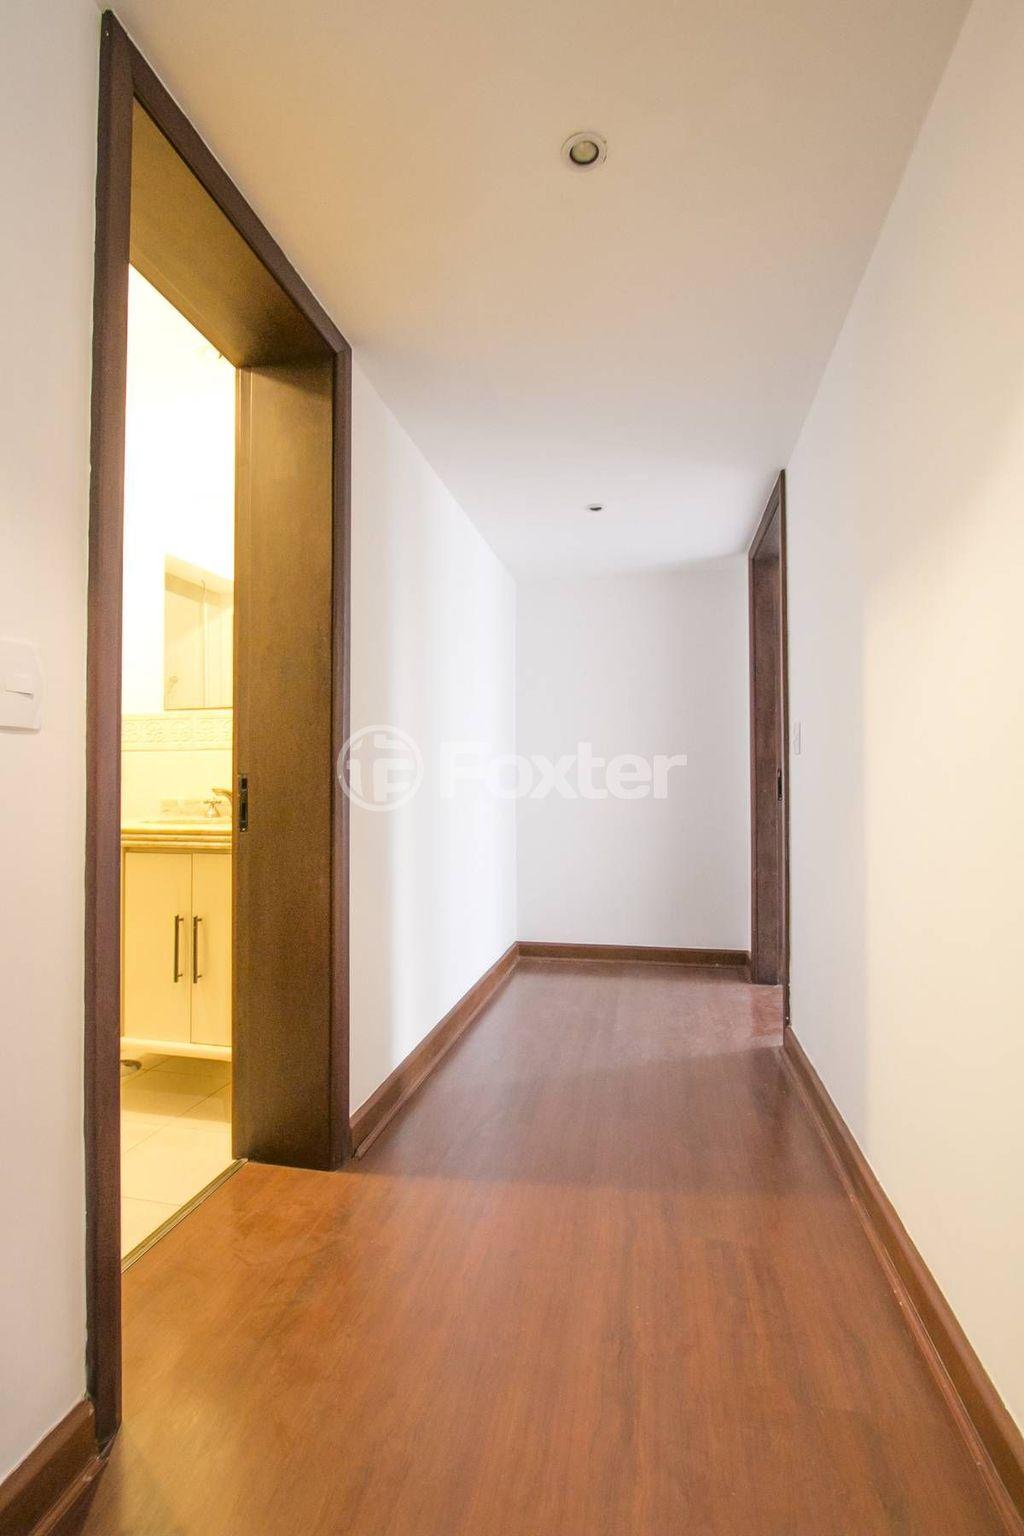 Foxter Imobiliária - Cobertura 5 Dorm (115529) - Foto 21